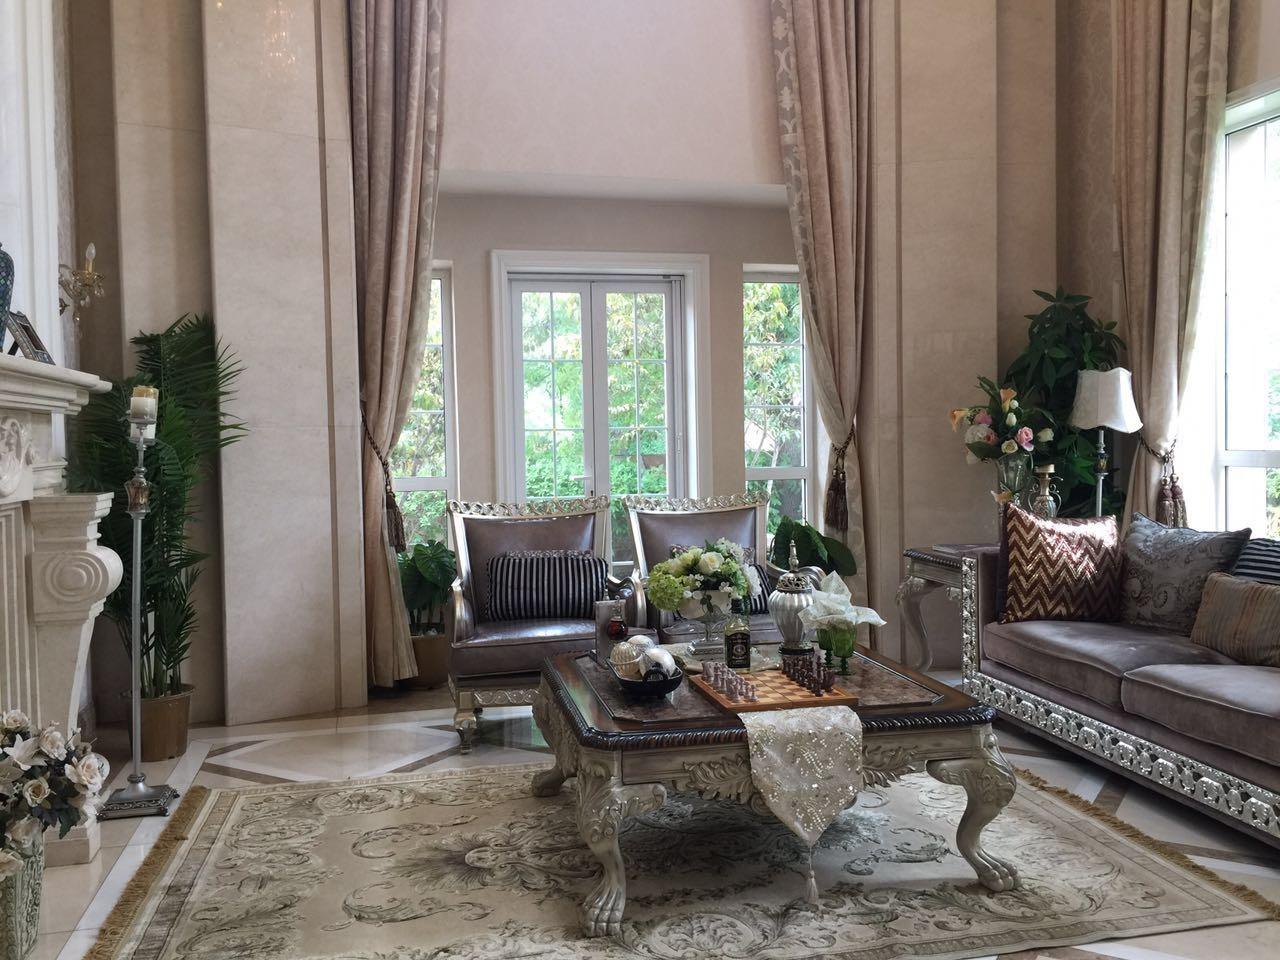 京西南高尔夫别墅 环境优美 适宜养老休闲度假 均价15000平米。